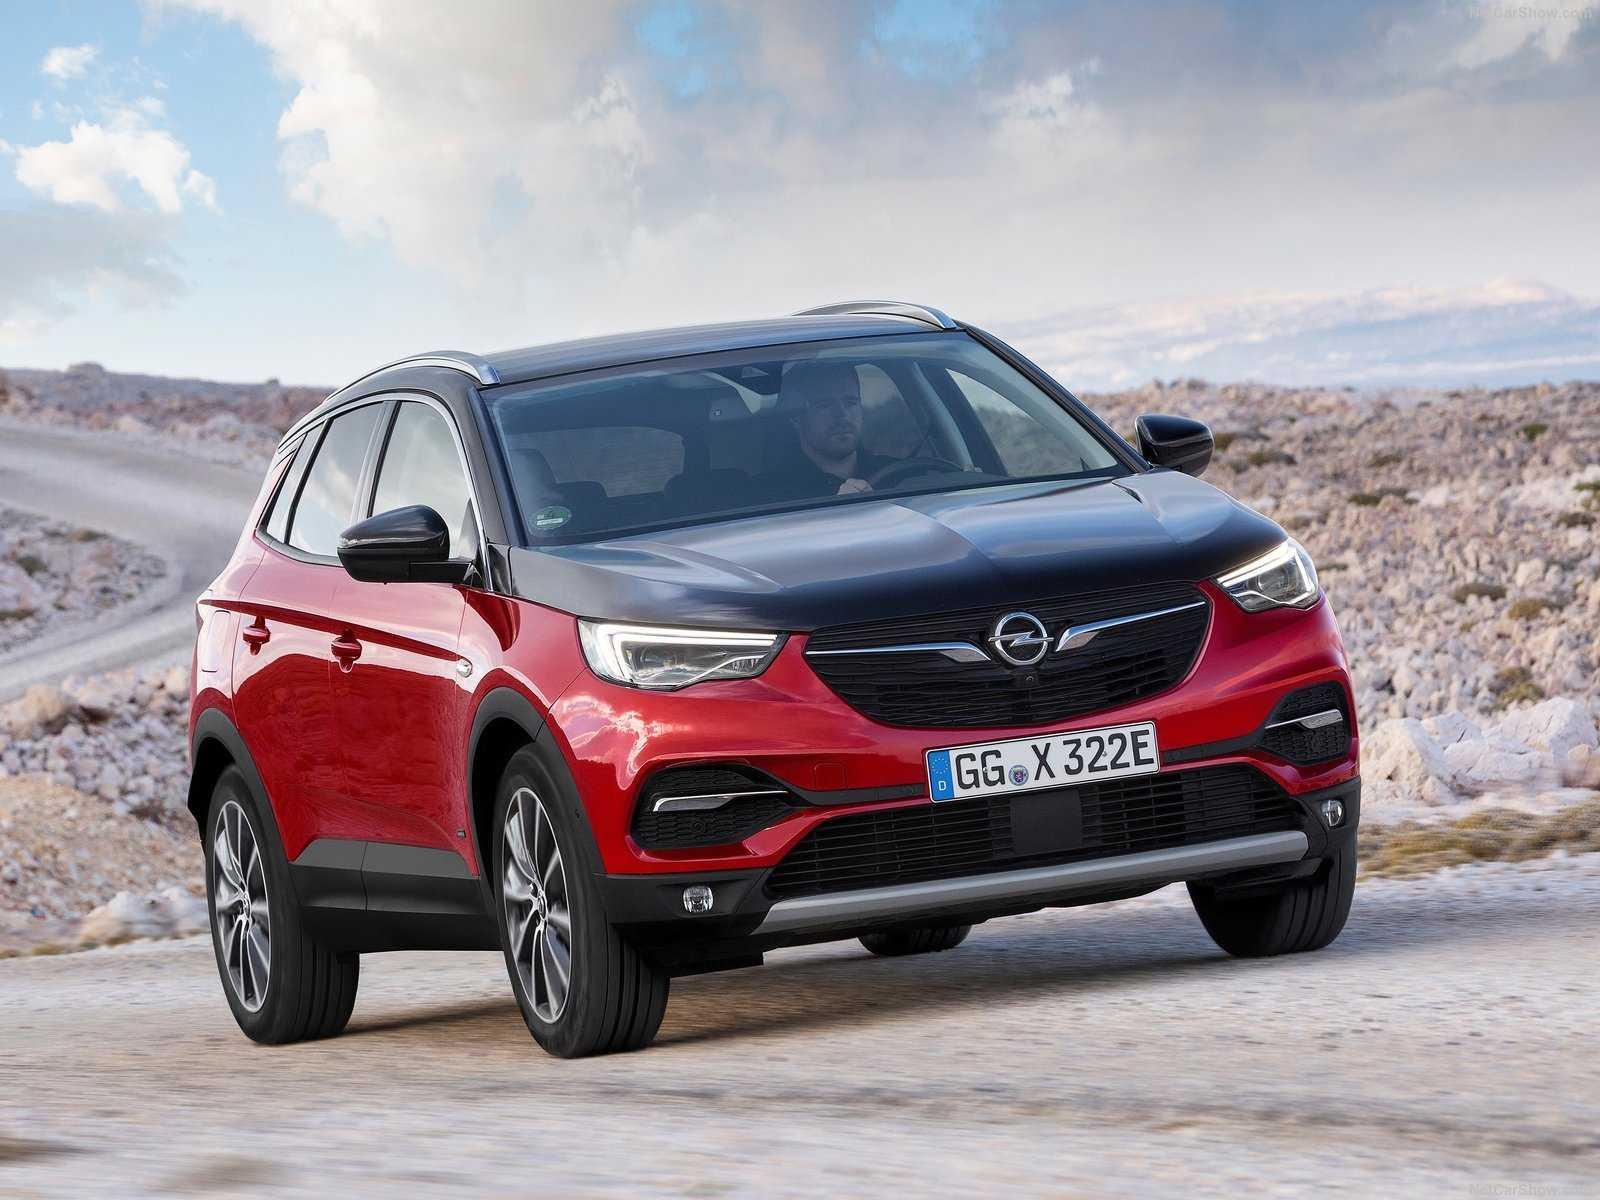 Модель под названием Opel Grandland X Hybrid 4 получила два двигателя общей мощностью 300 лс